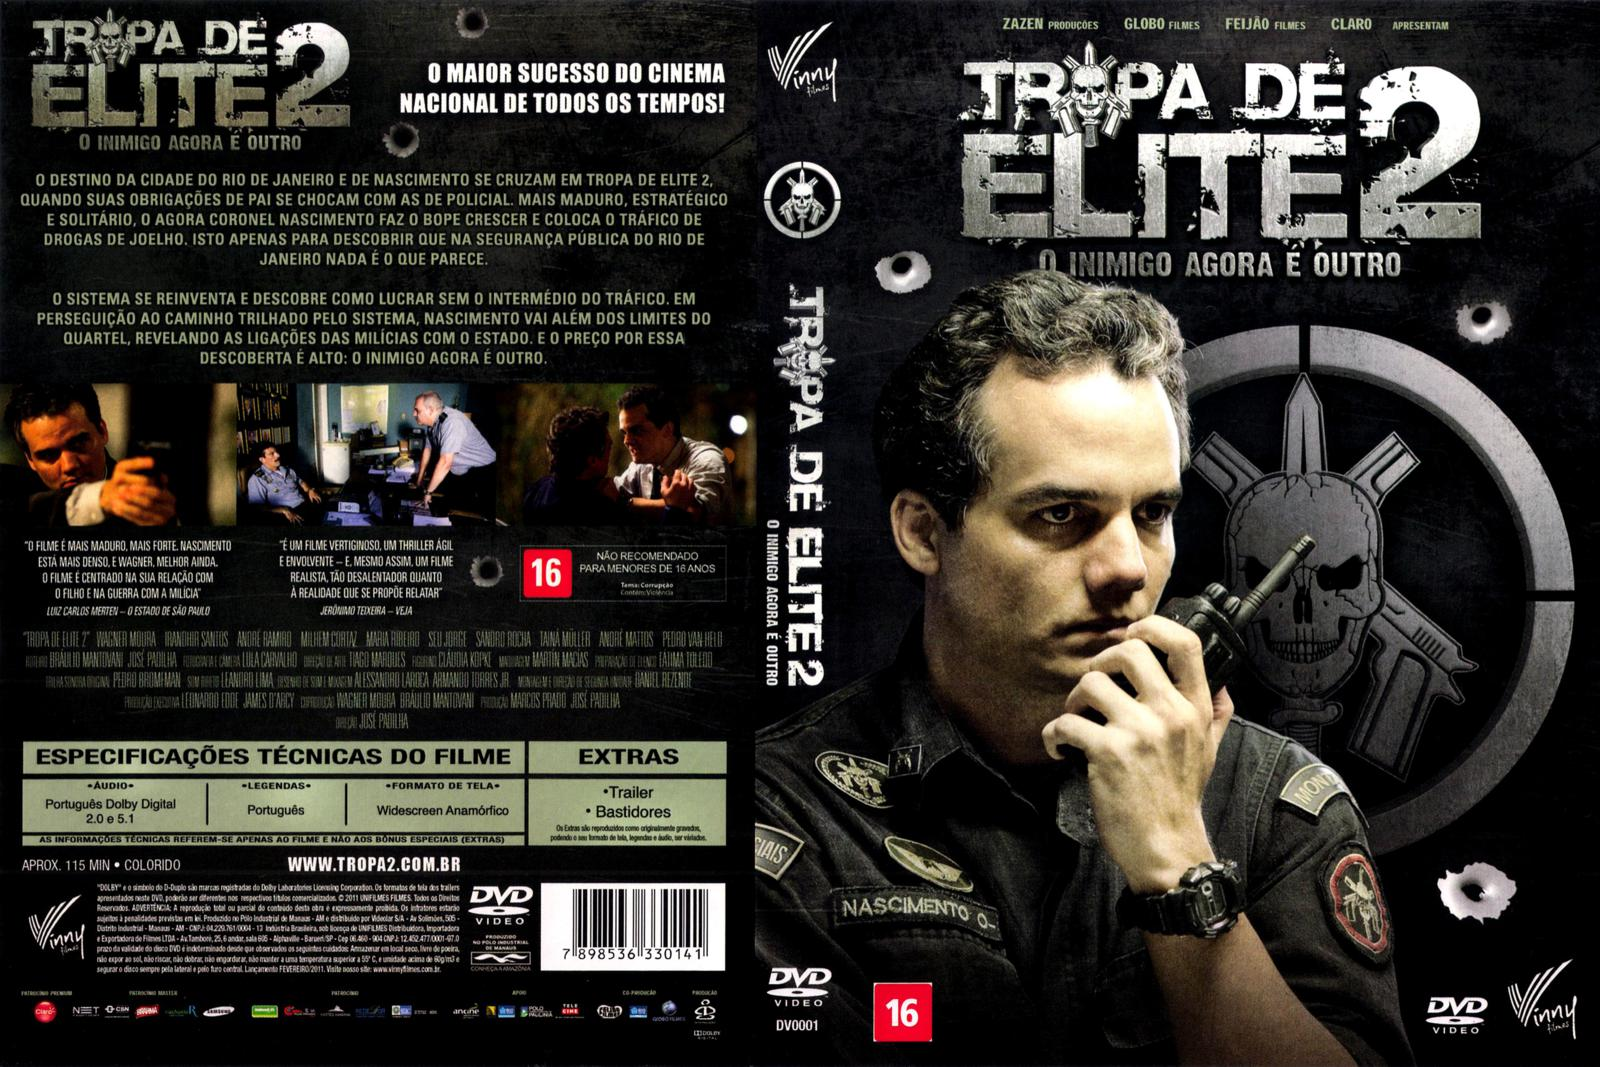 capa dvd tropa de elite 2